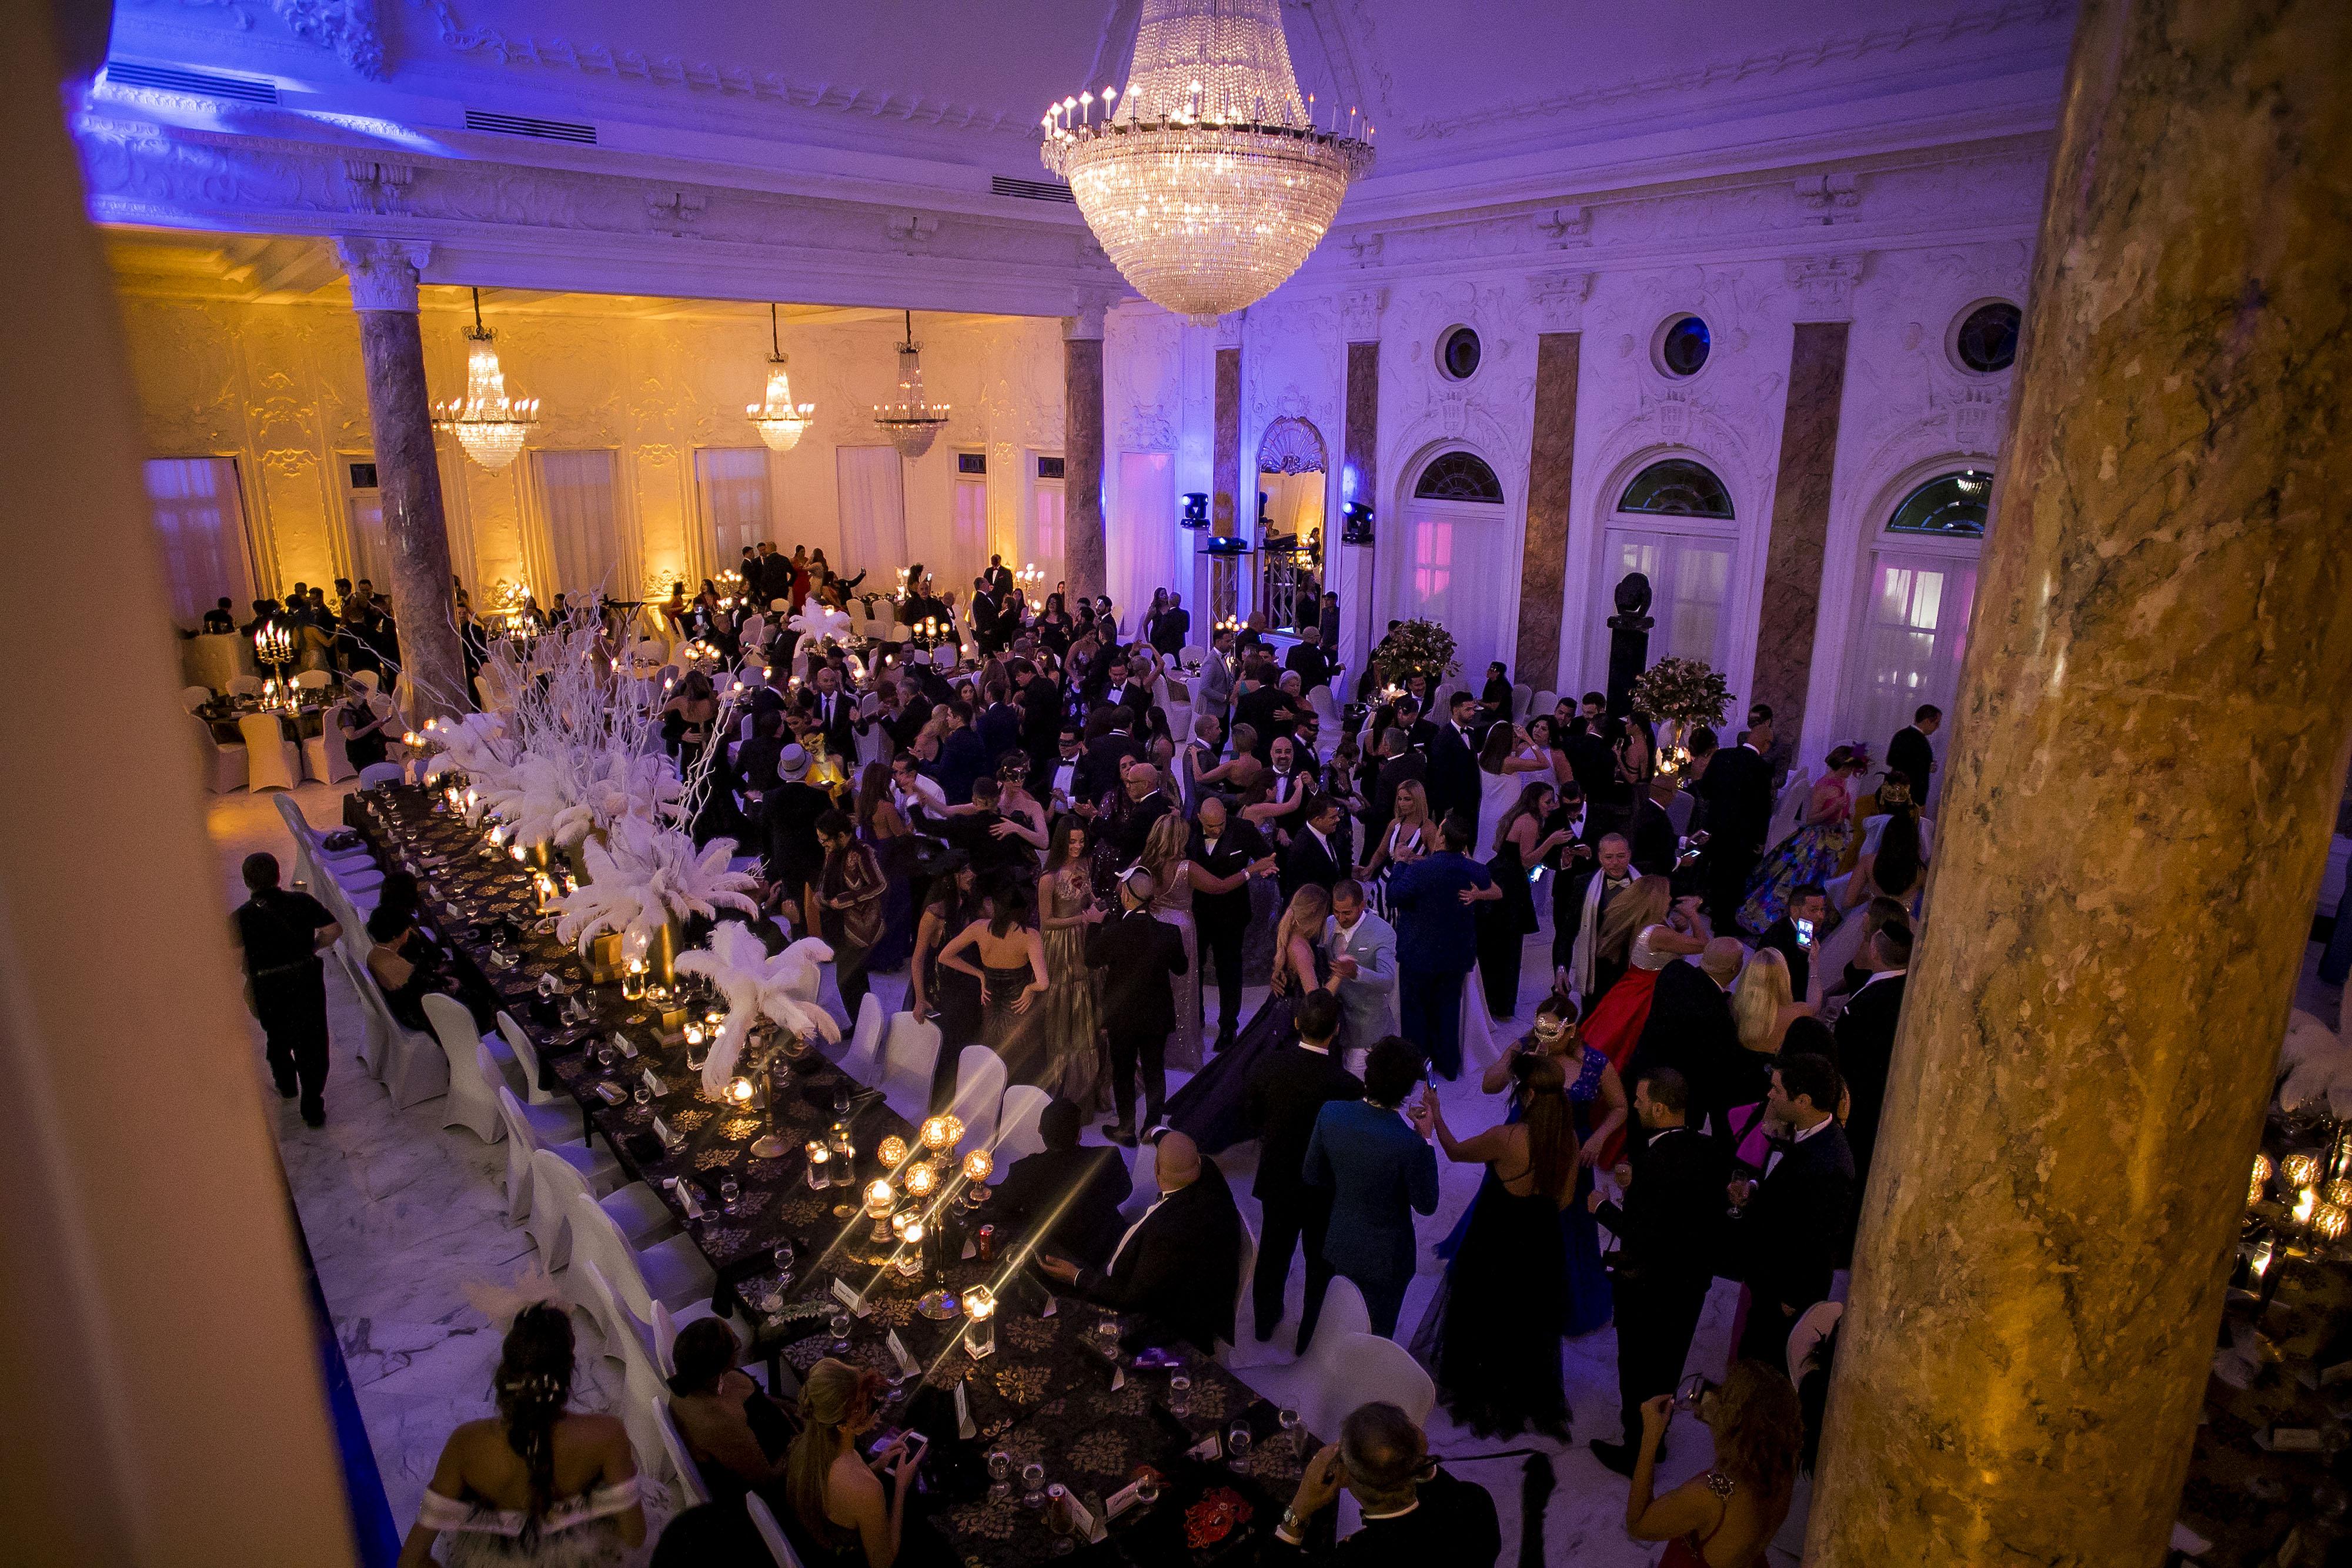 Vista del concurrido evento en el que se destacó la decoración con plumas y las máscaras. Foto Xavier García.